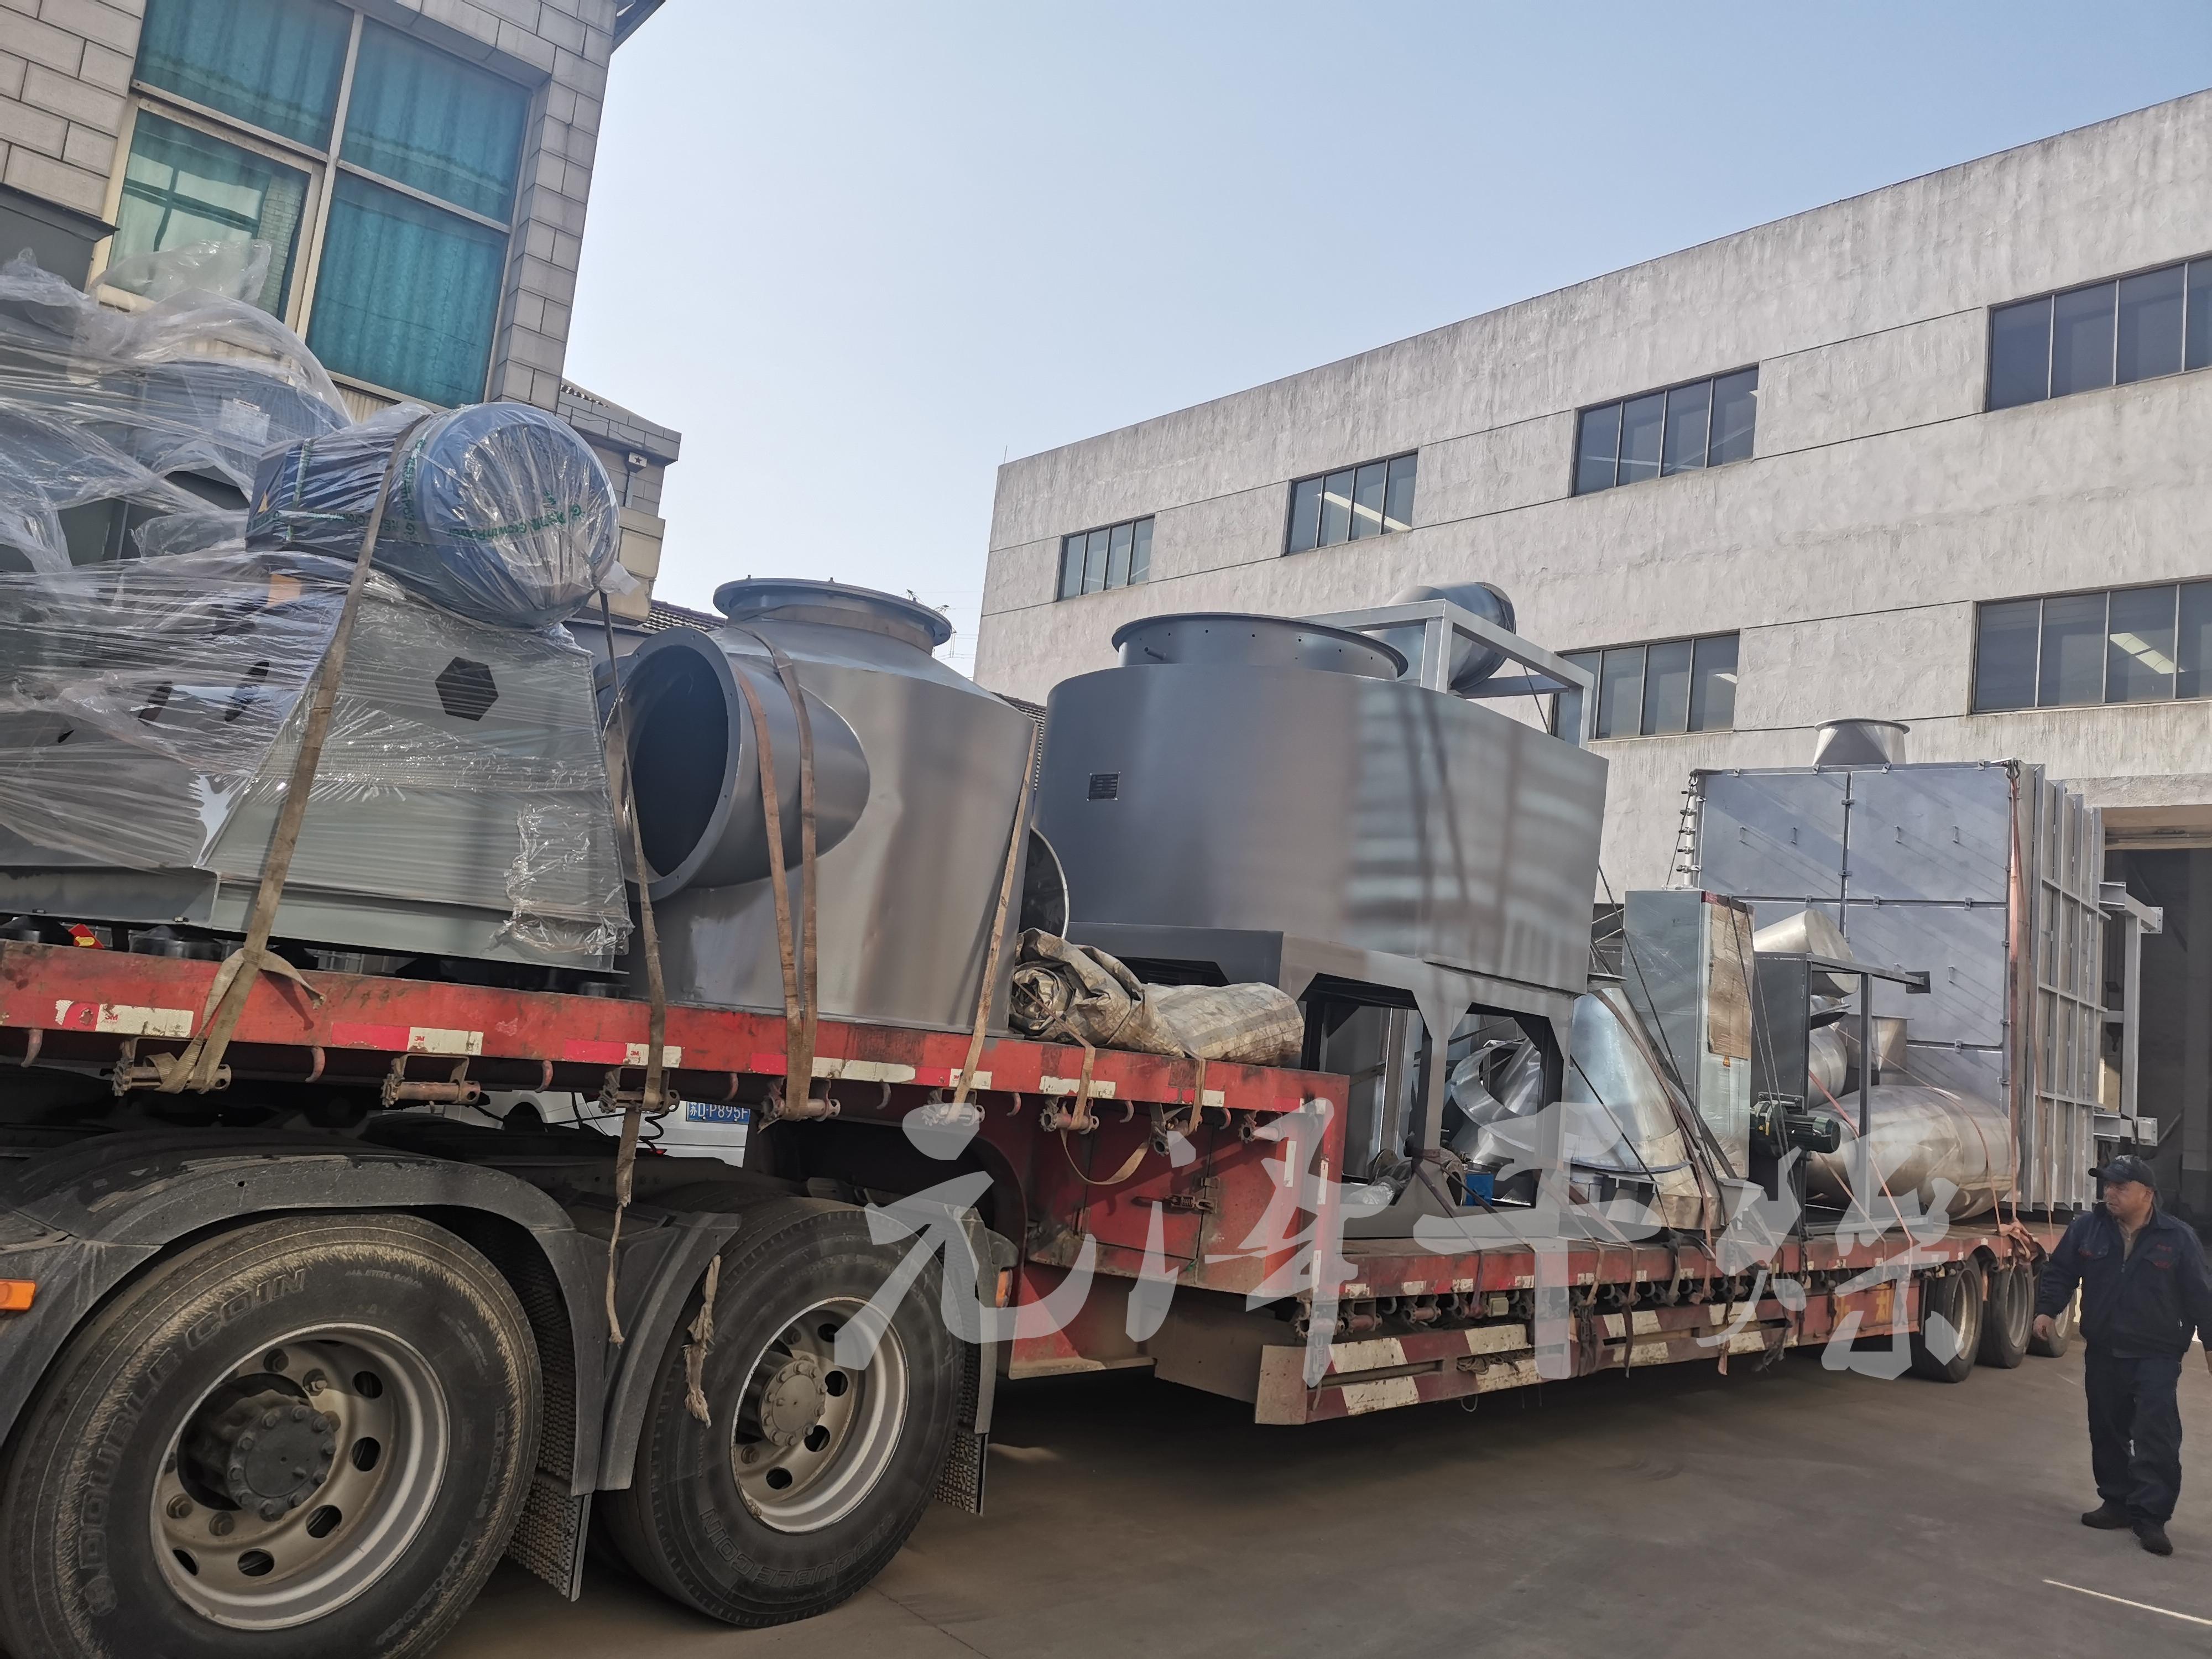 安徽安慶市某新材料科技公司在我公司訂購的閃蒸干燥機已成功發貨!